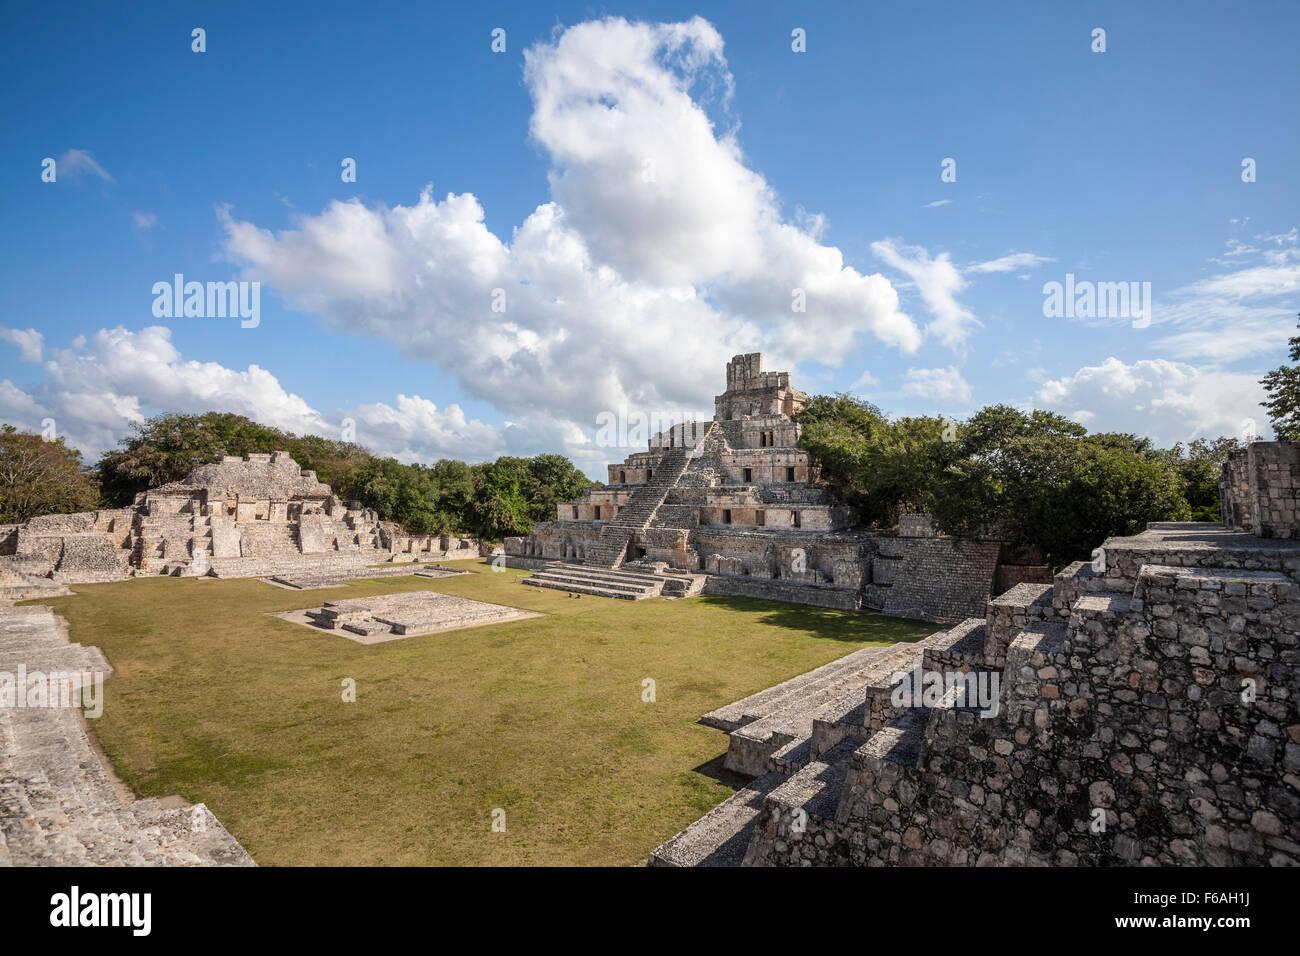 Die Fünf stöckigen Pyramide und Main Plaza der Maya Ruinen von edzna, Campeche, Mexiko. Stockbild